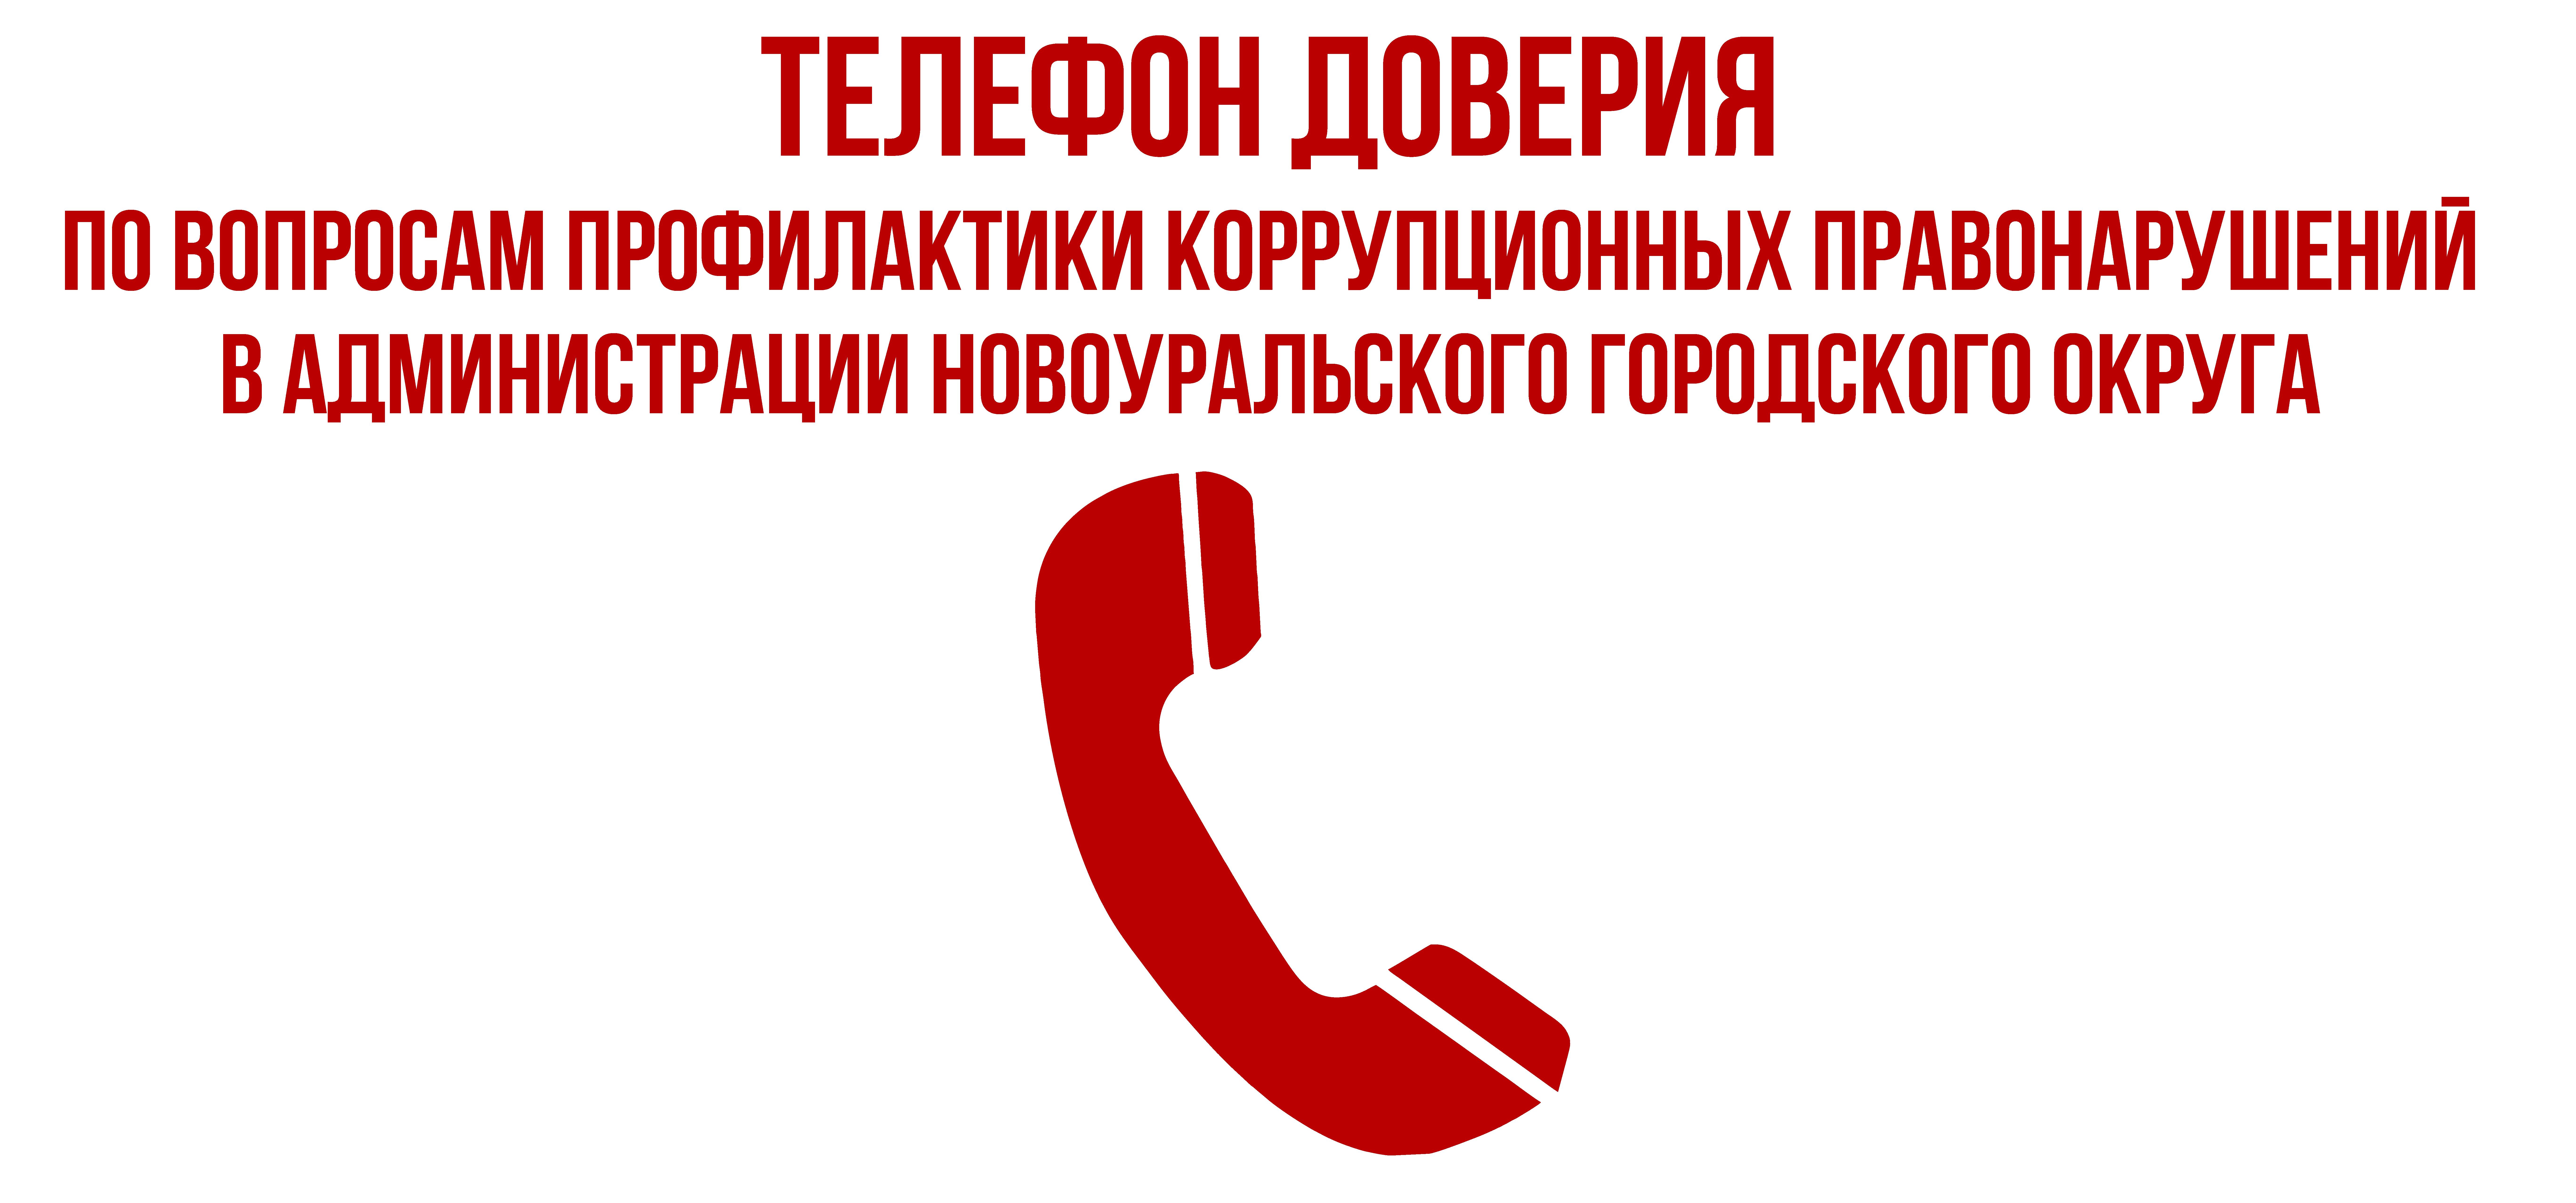 Телефон доверия  по вопросам профилактики коррупционных правонарушений  в Администрации Новоуральского городского округа